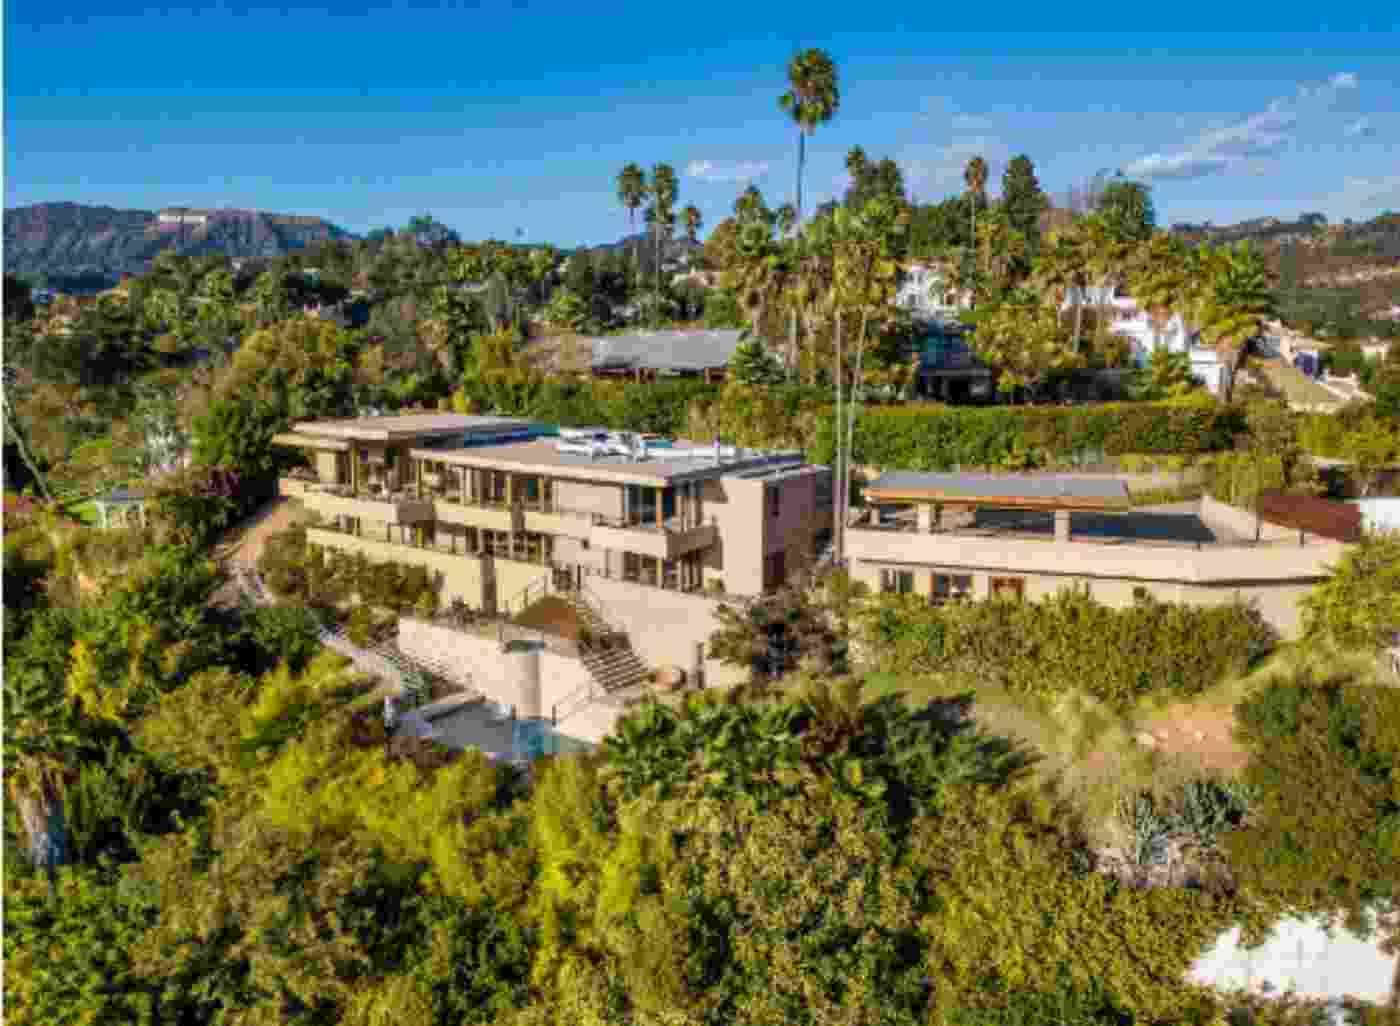 Mansão de Zac Effron em Los Angeles - Reprodução/www.theagencyre.com